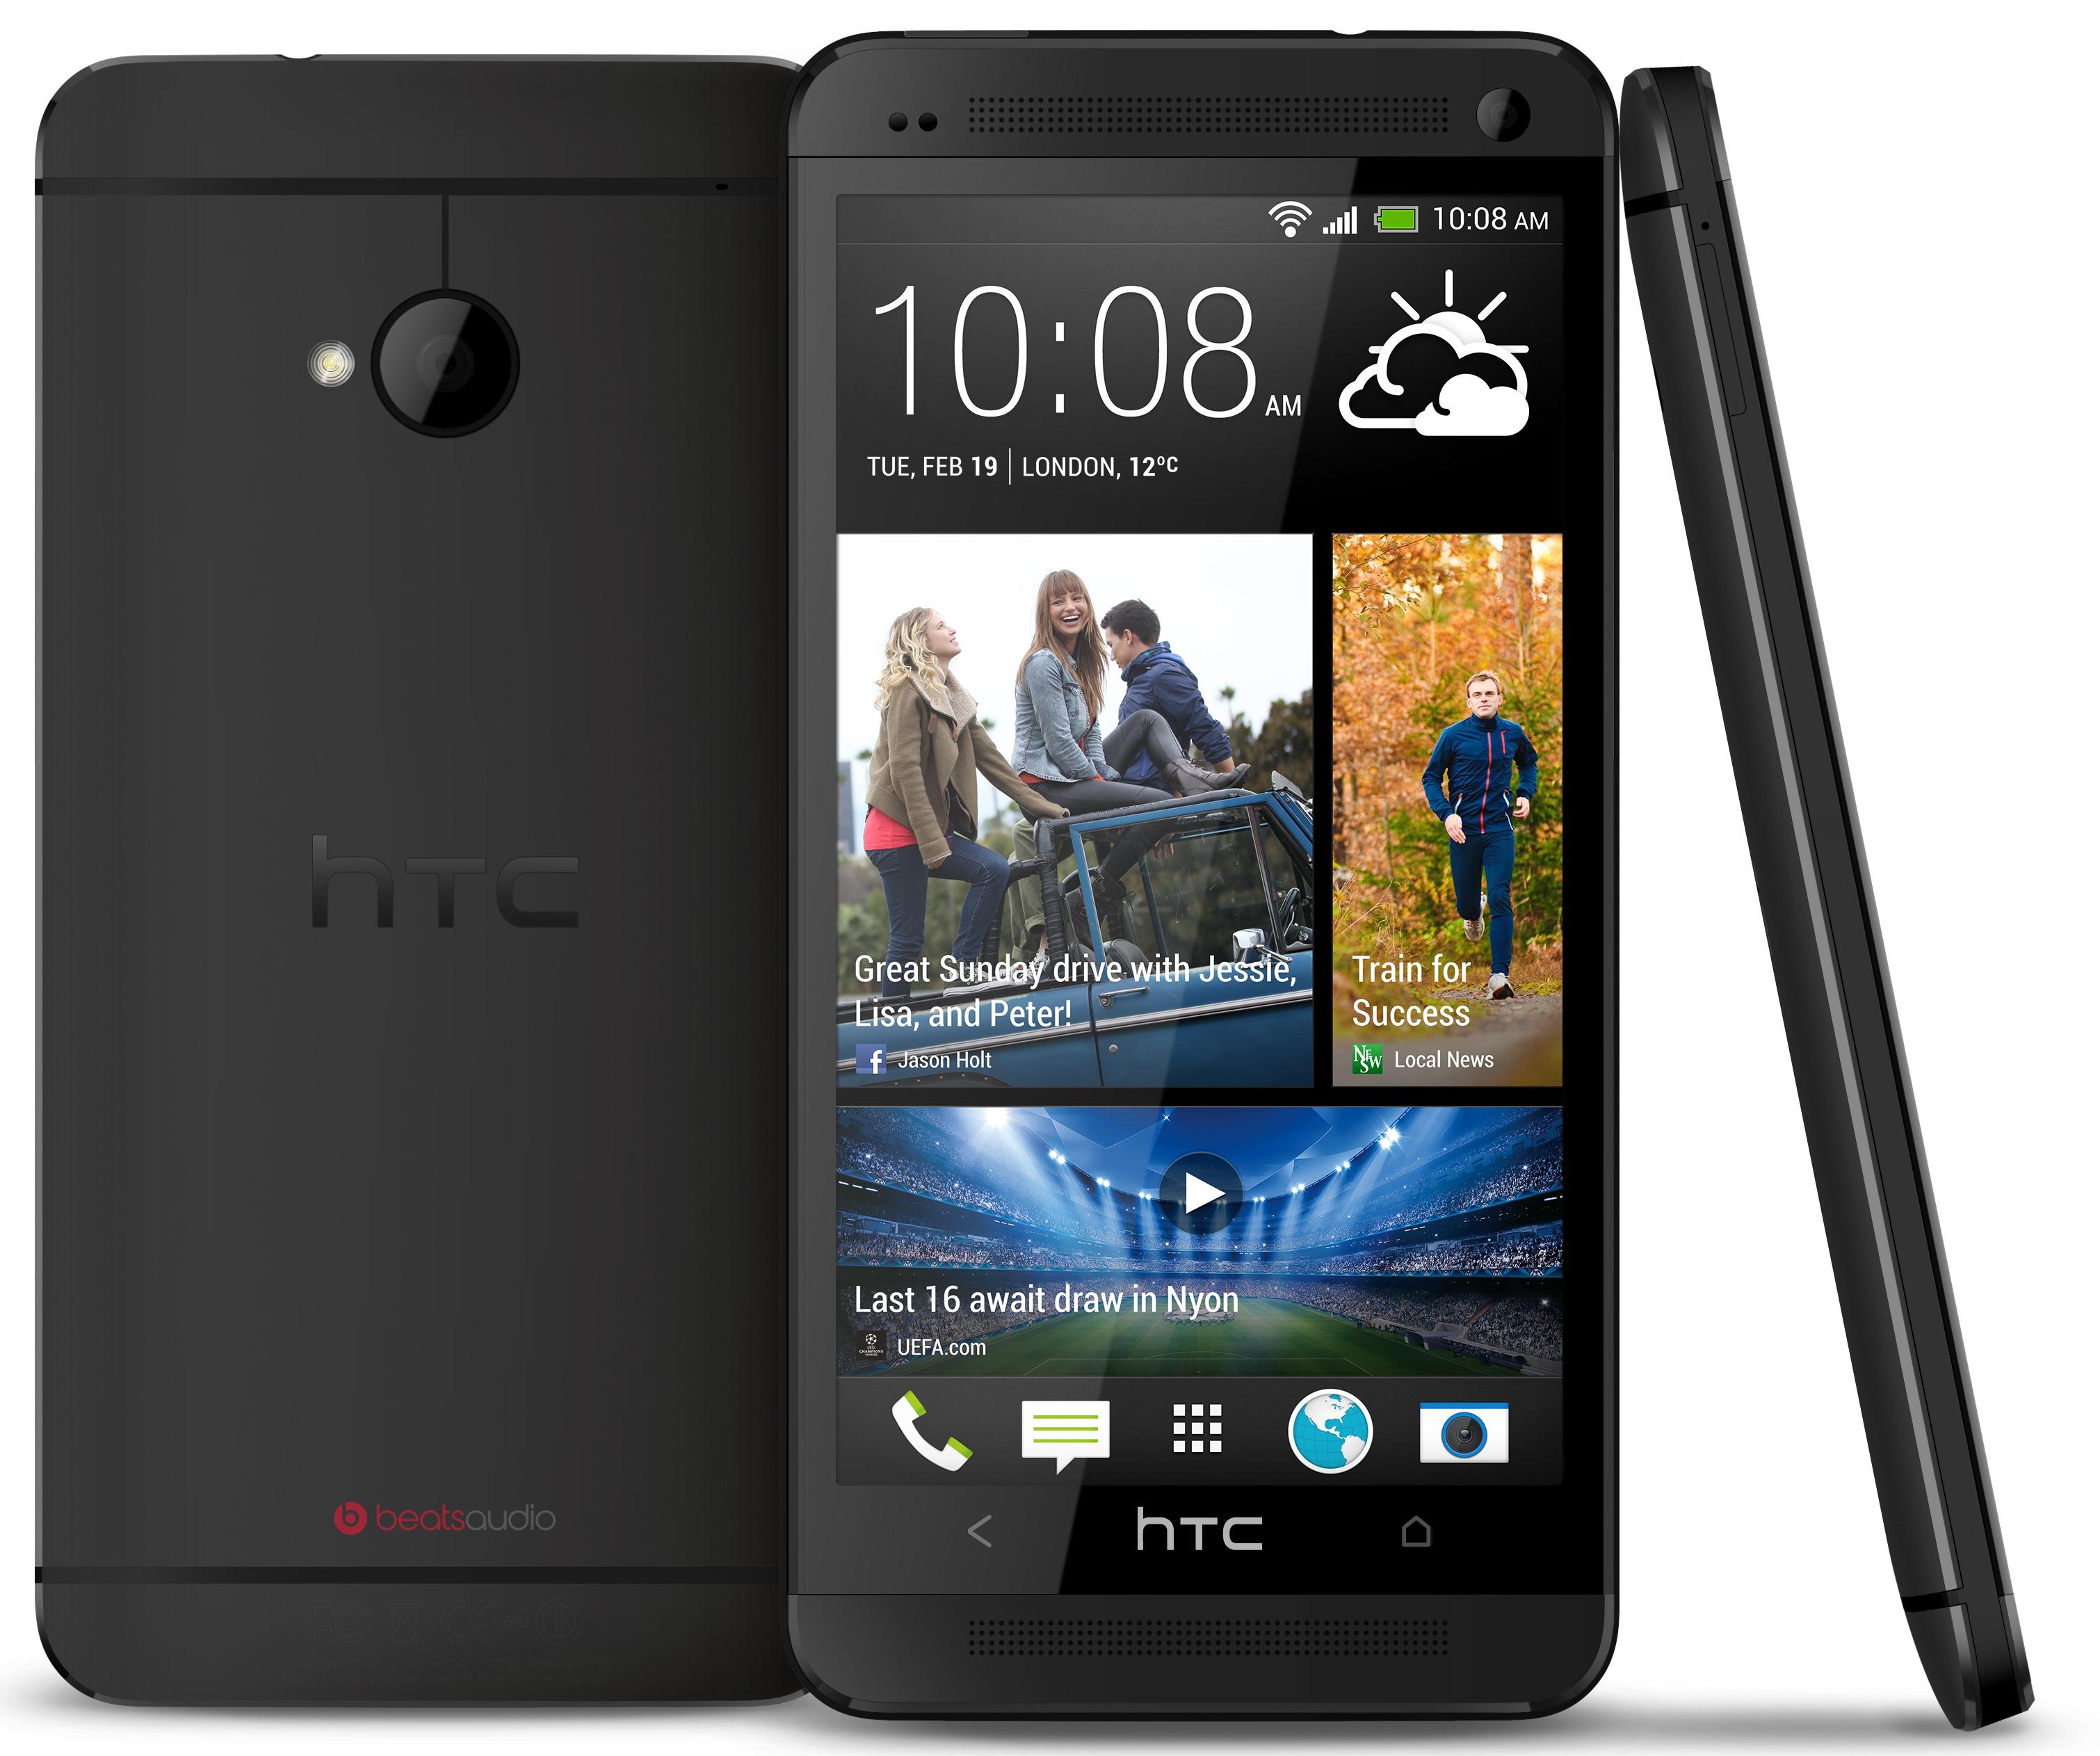 تعرف على مزايا الهاتف الجديد من HTC